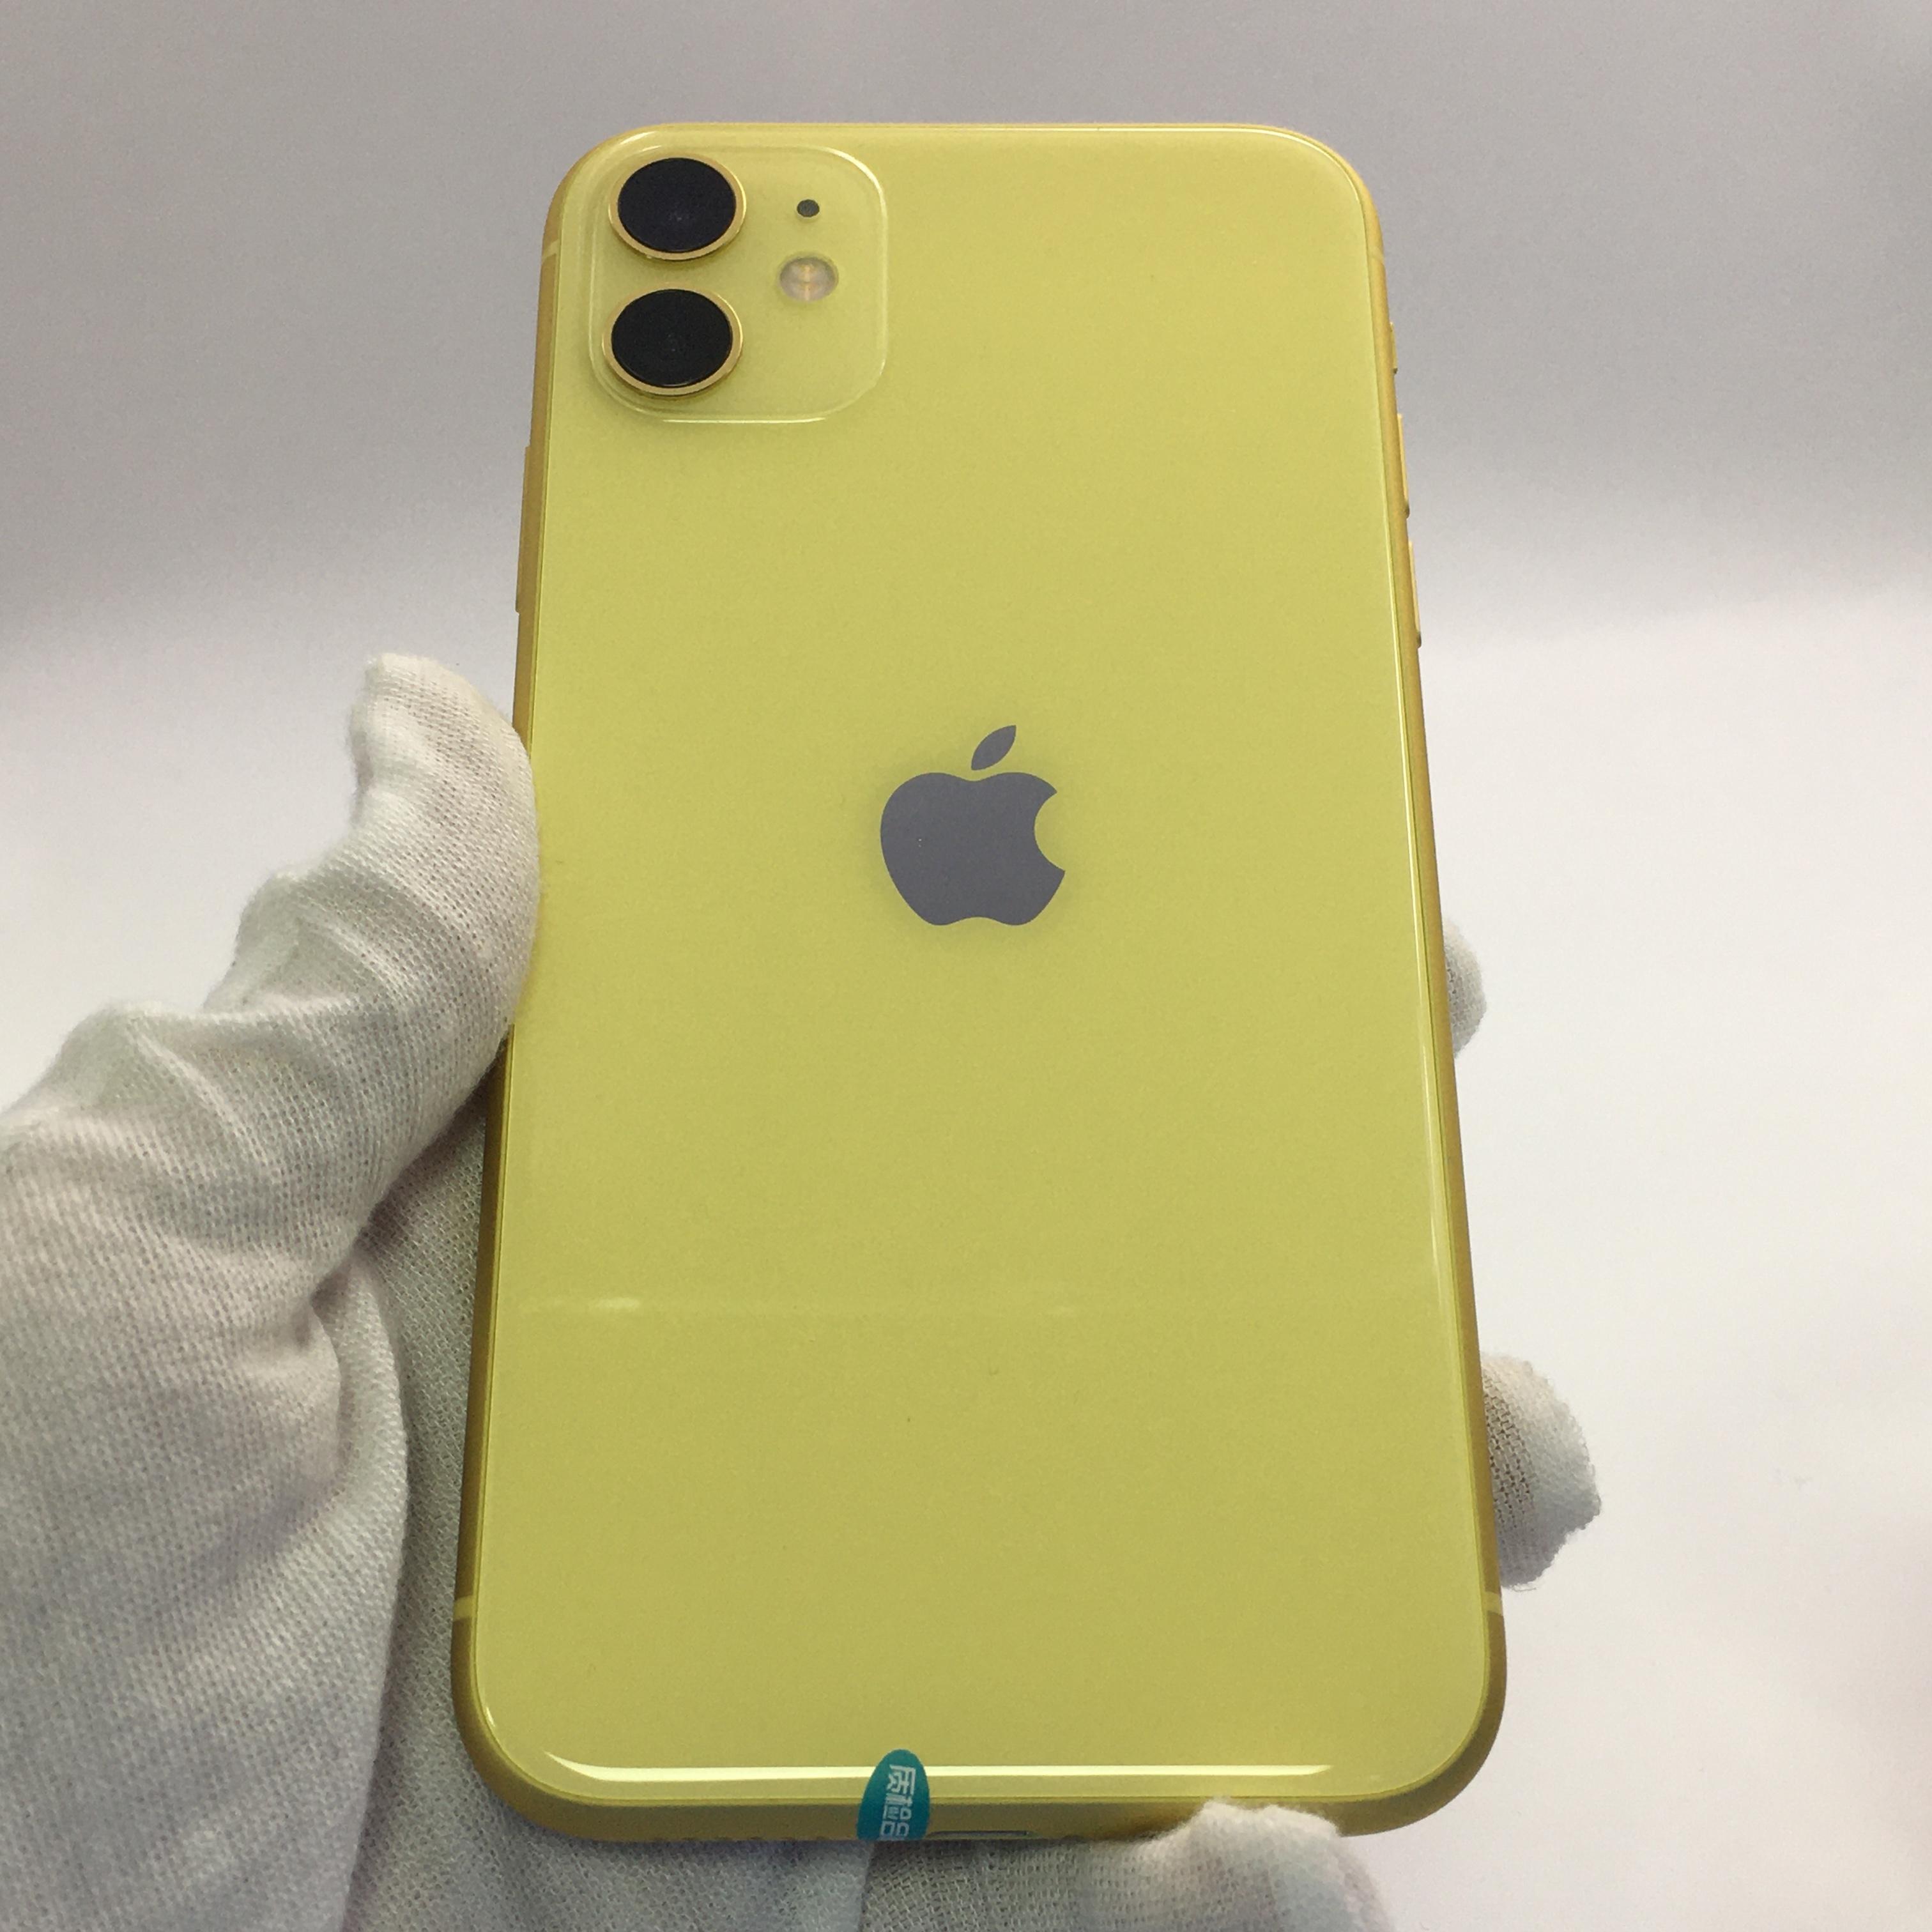 苹果【iPhone 11】4G全网通 黄色 64G 国行 95新 64G真机实拍